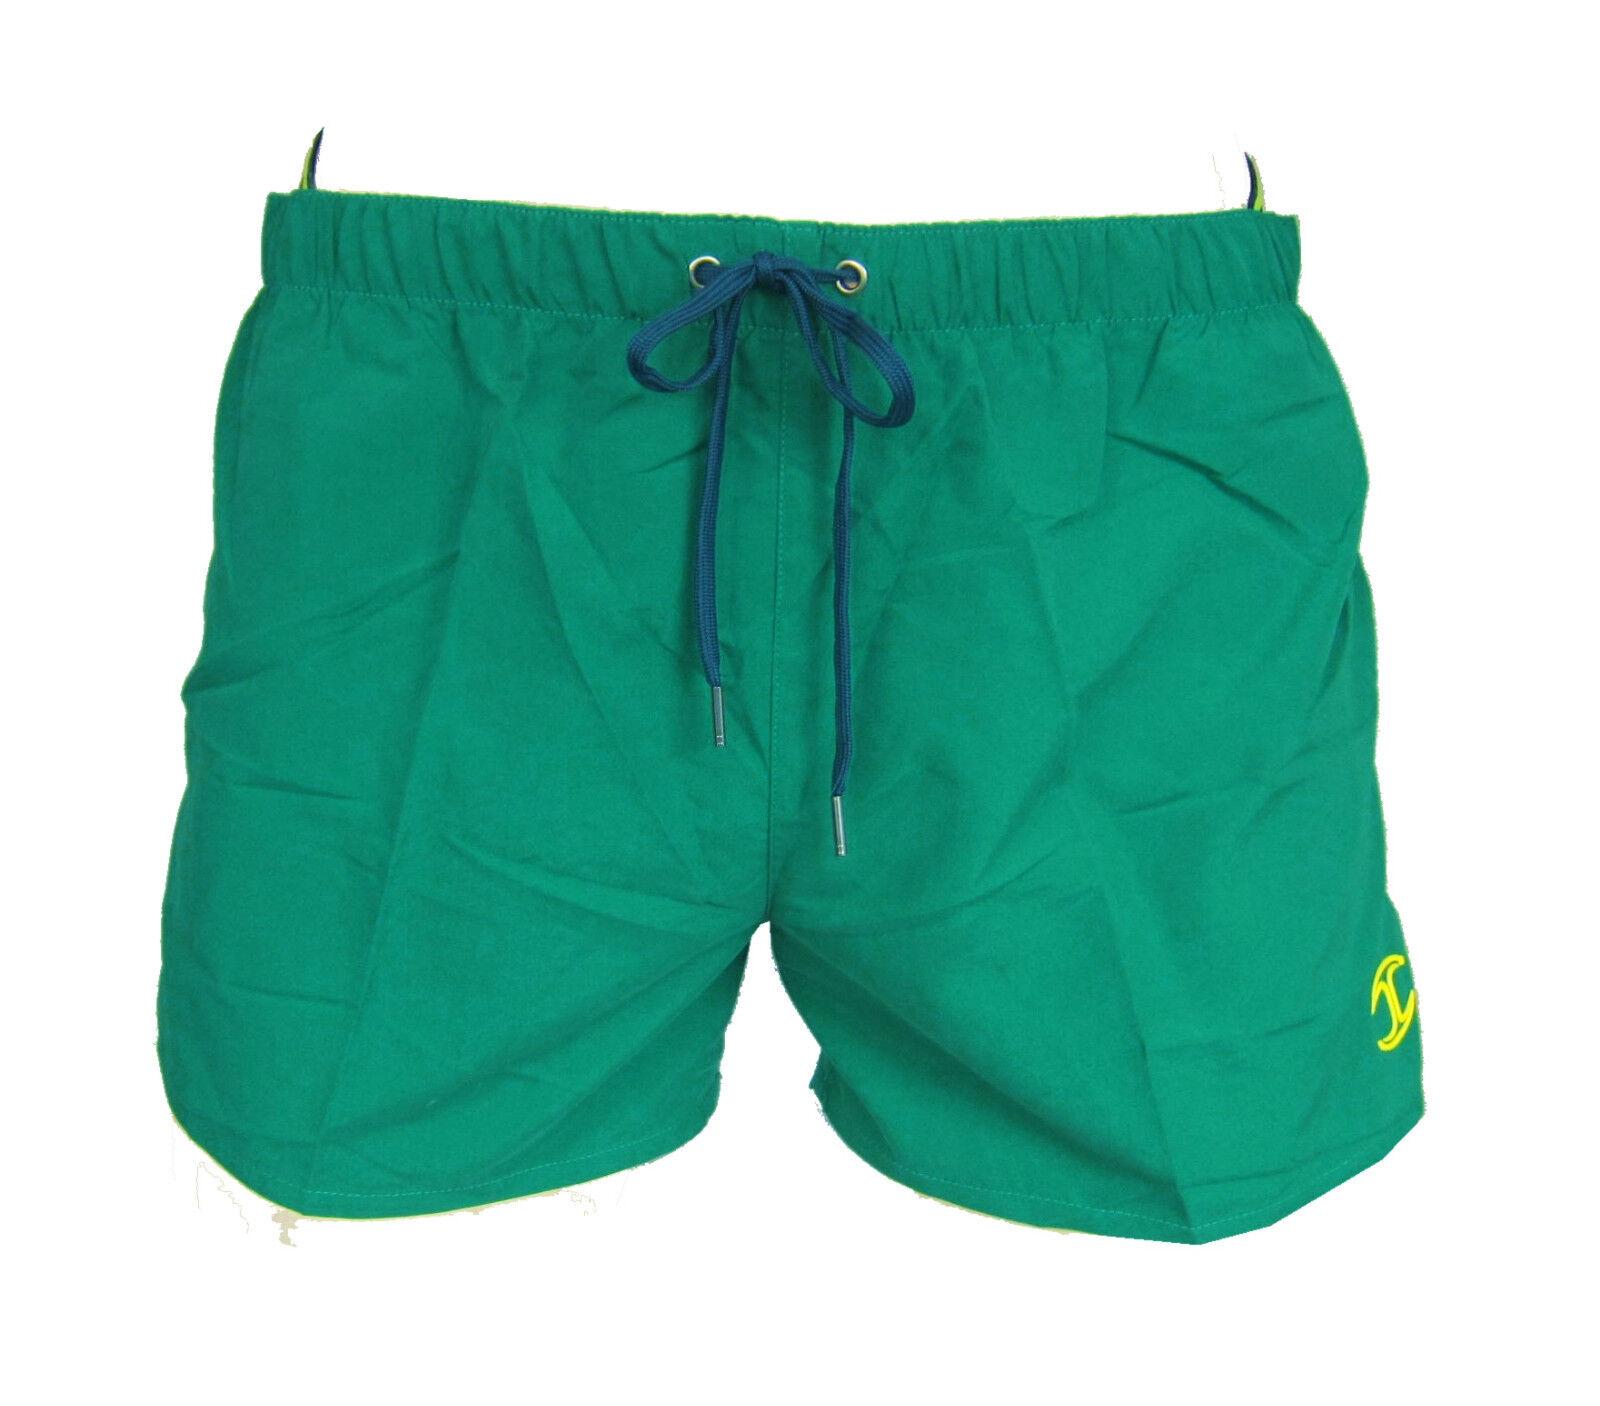 JUST CAVALLI  N10A921  Herren,Men,herren,Badehose,Shorts,NEU,Swimwear,Grün,Logo,%  | Haltbarer Service  | Mode-Muster  | Ausgewählte Materialien